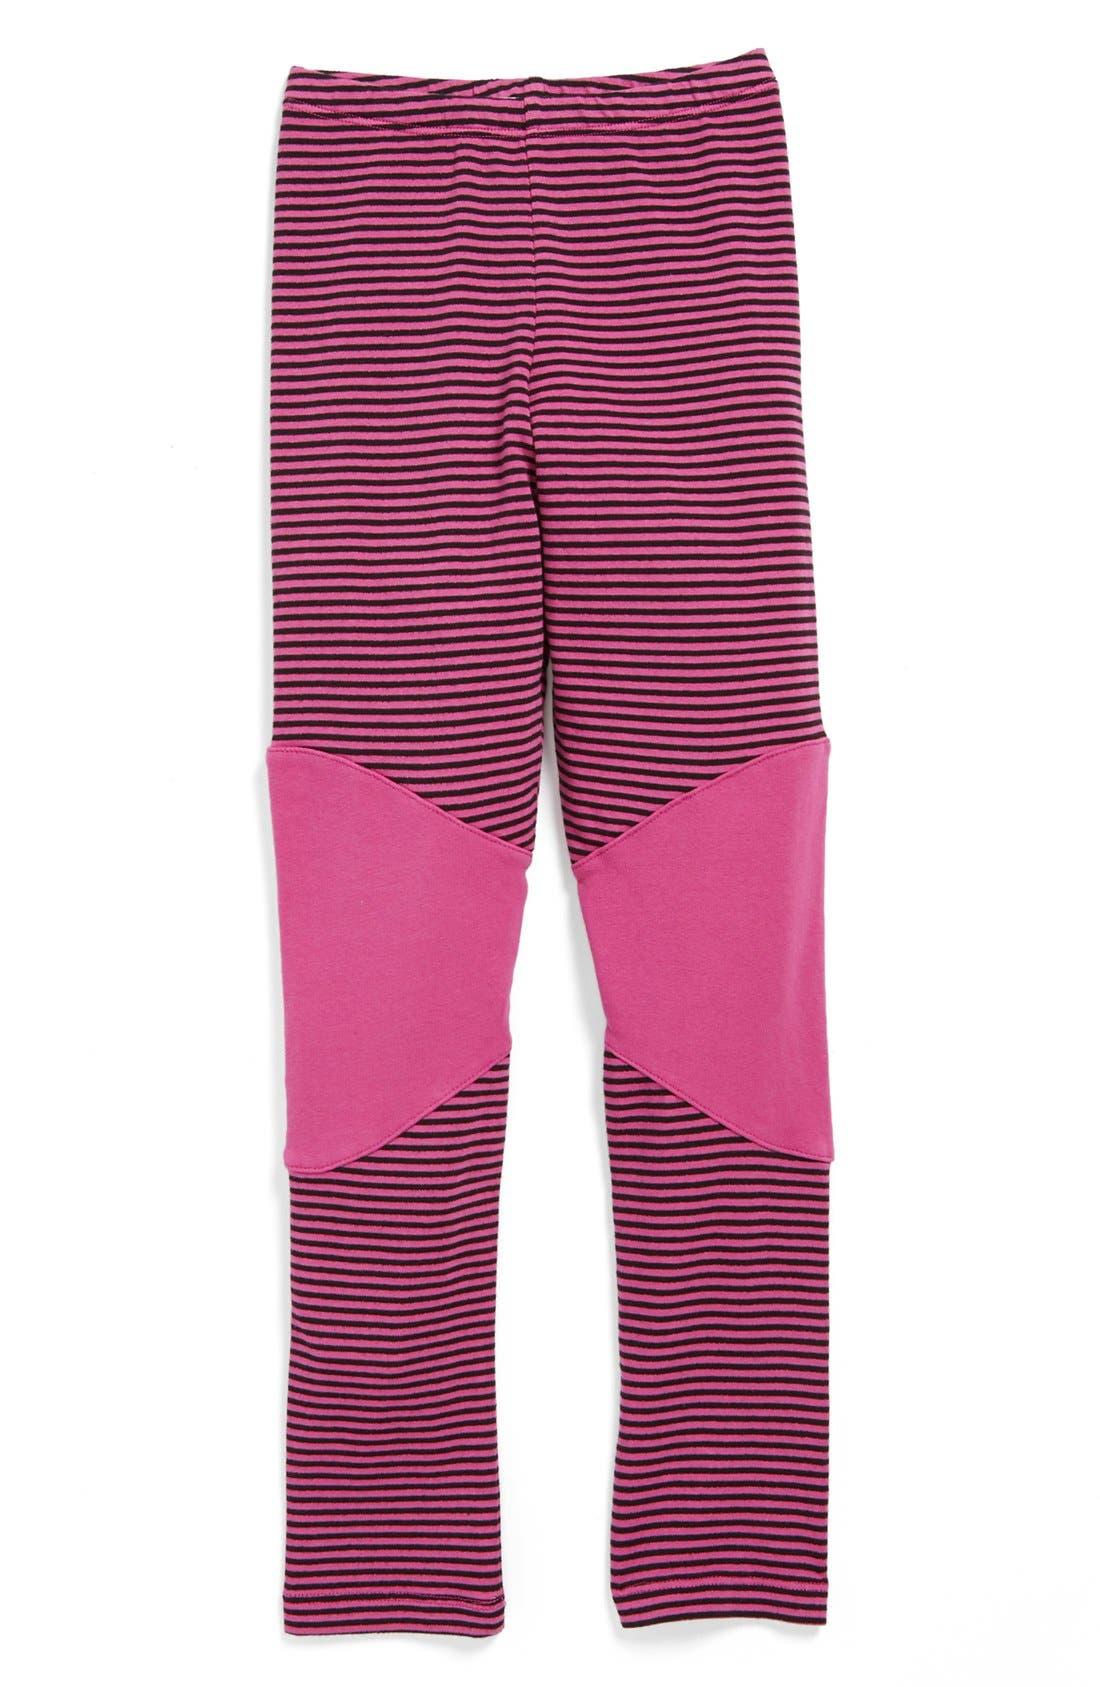 Main Image - Joah Love Stripe Leggings (Little Girls & Big Girls)